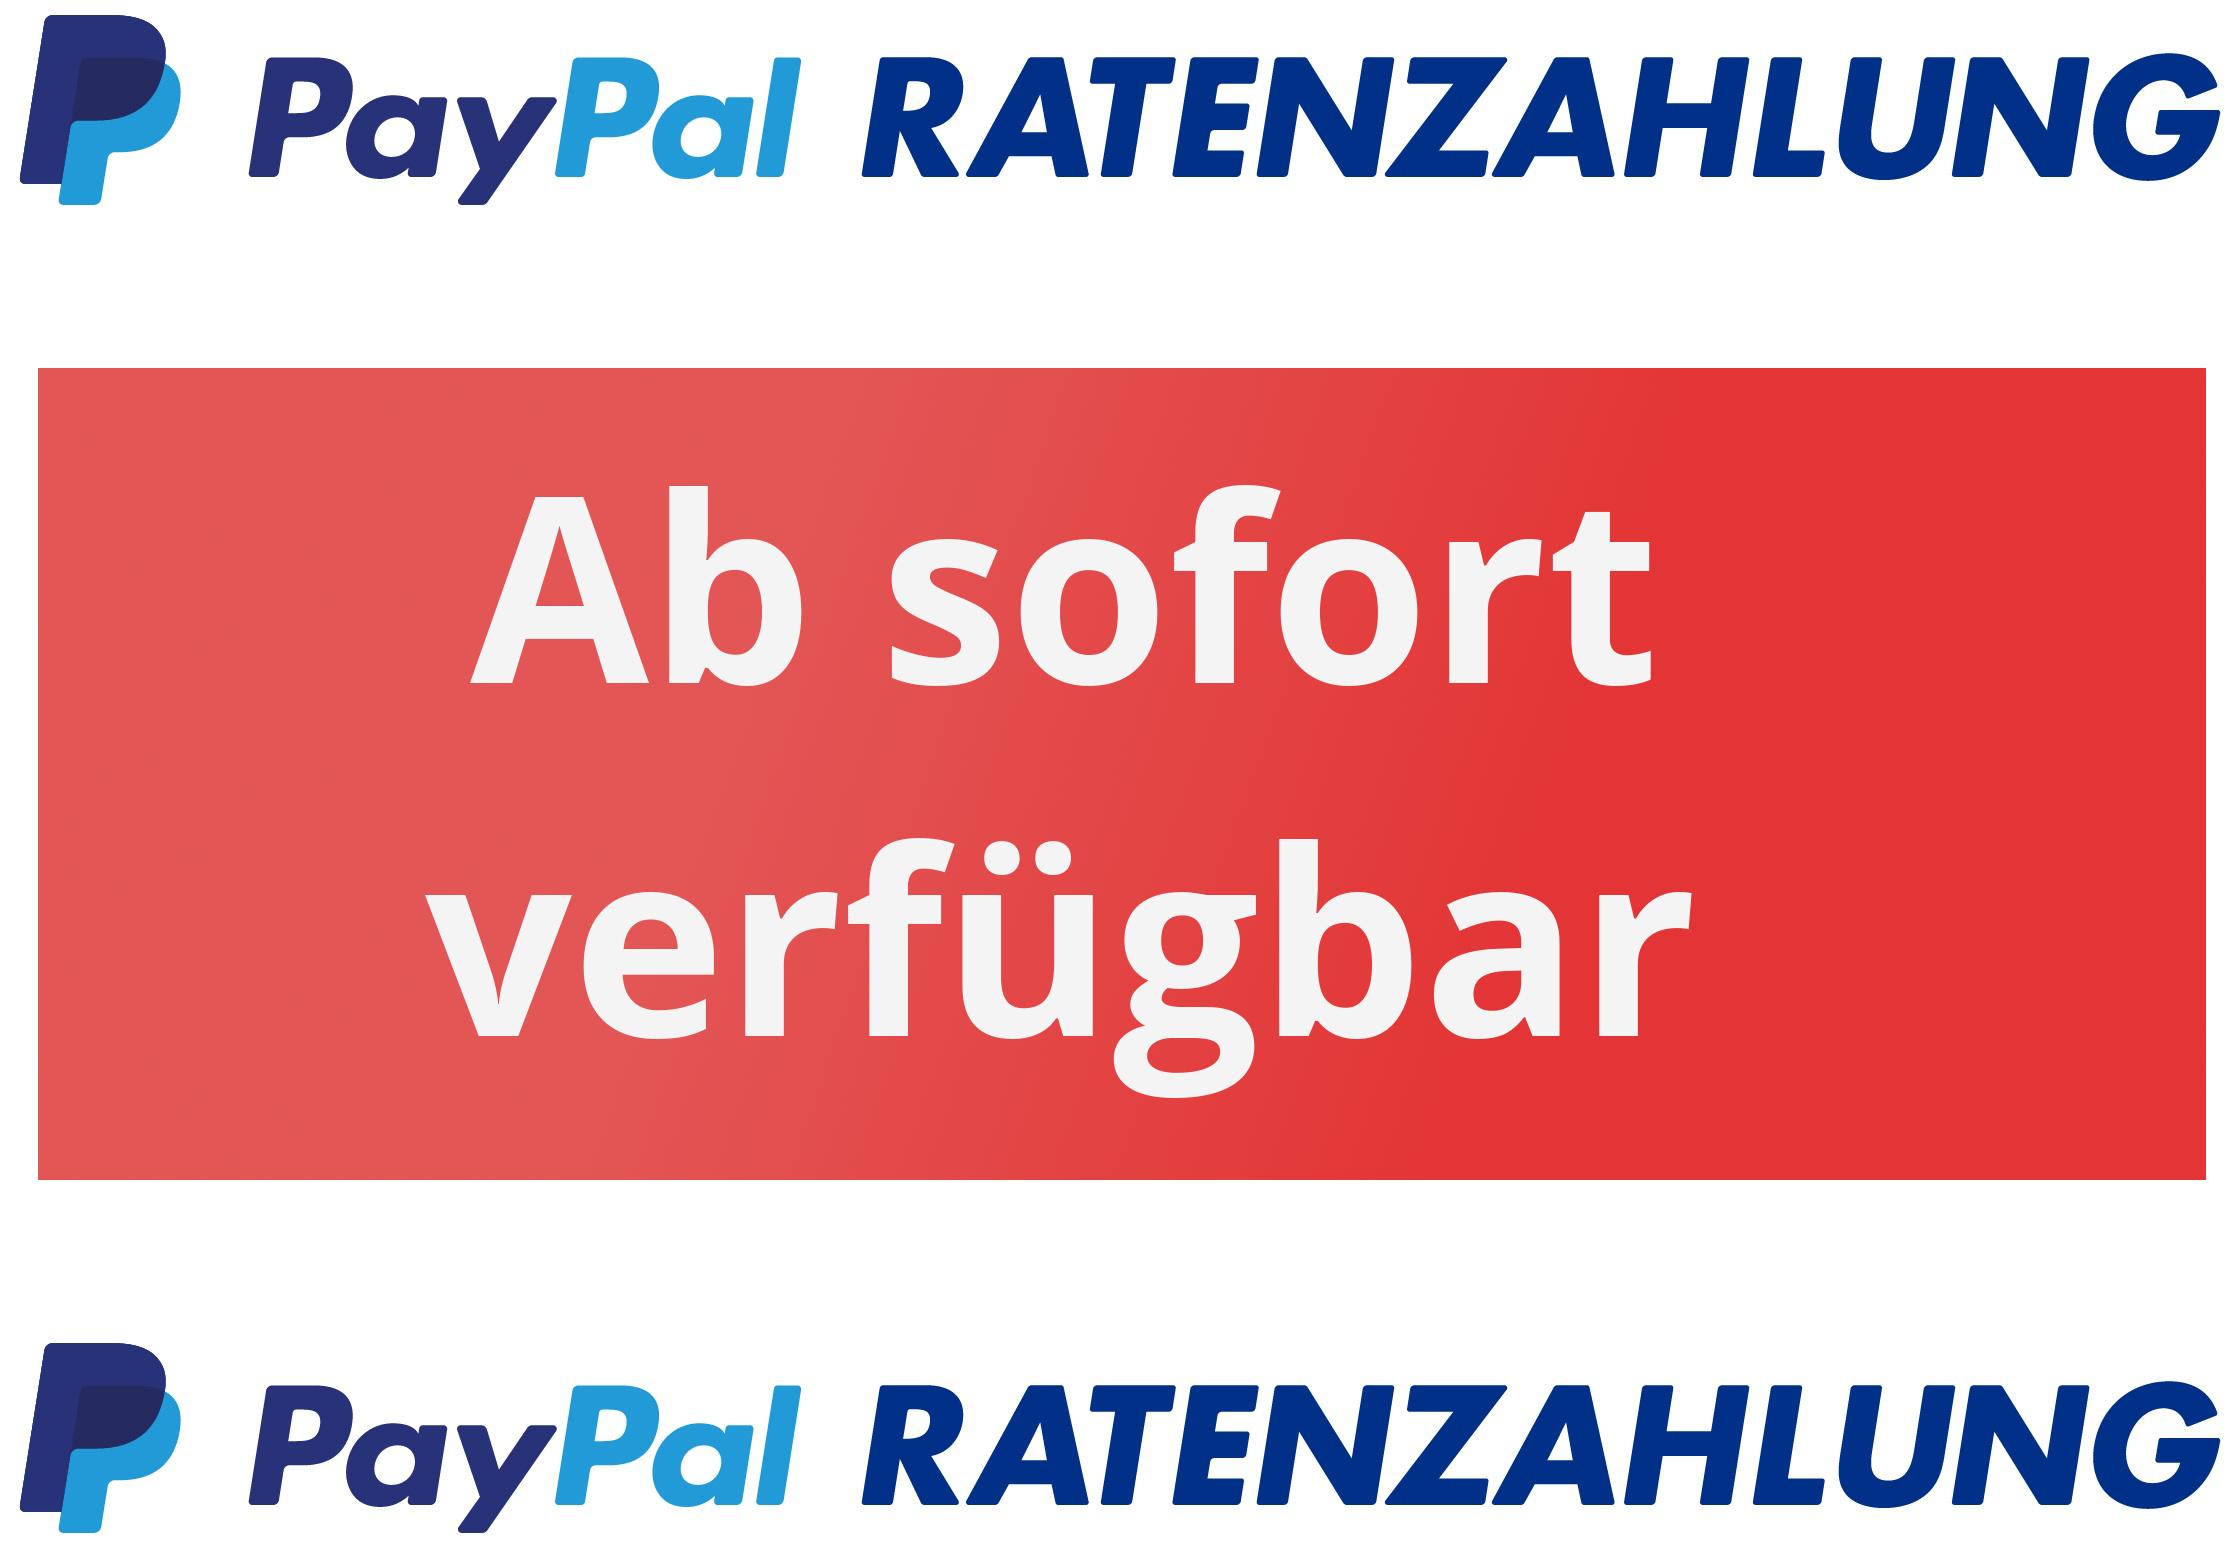 Ratenzahlung über Paypal möglich